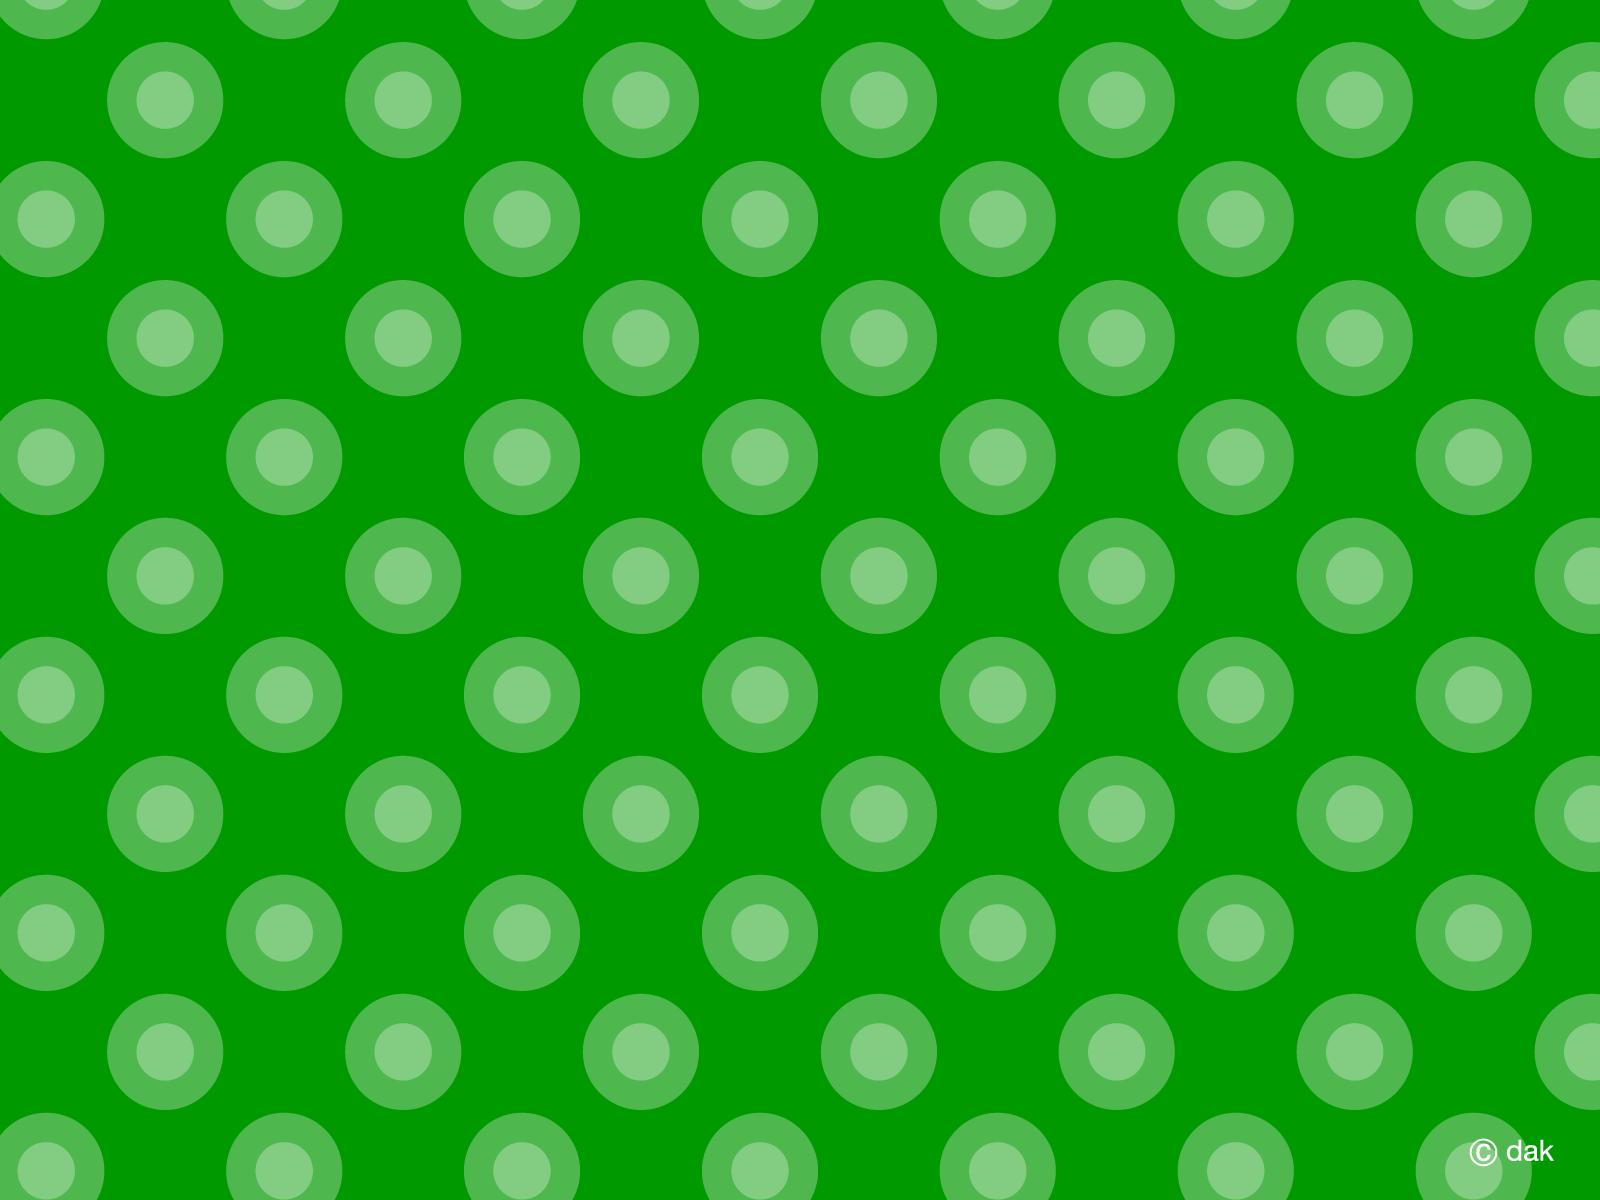 Polka Dot Wallpaper Wallpapersafari